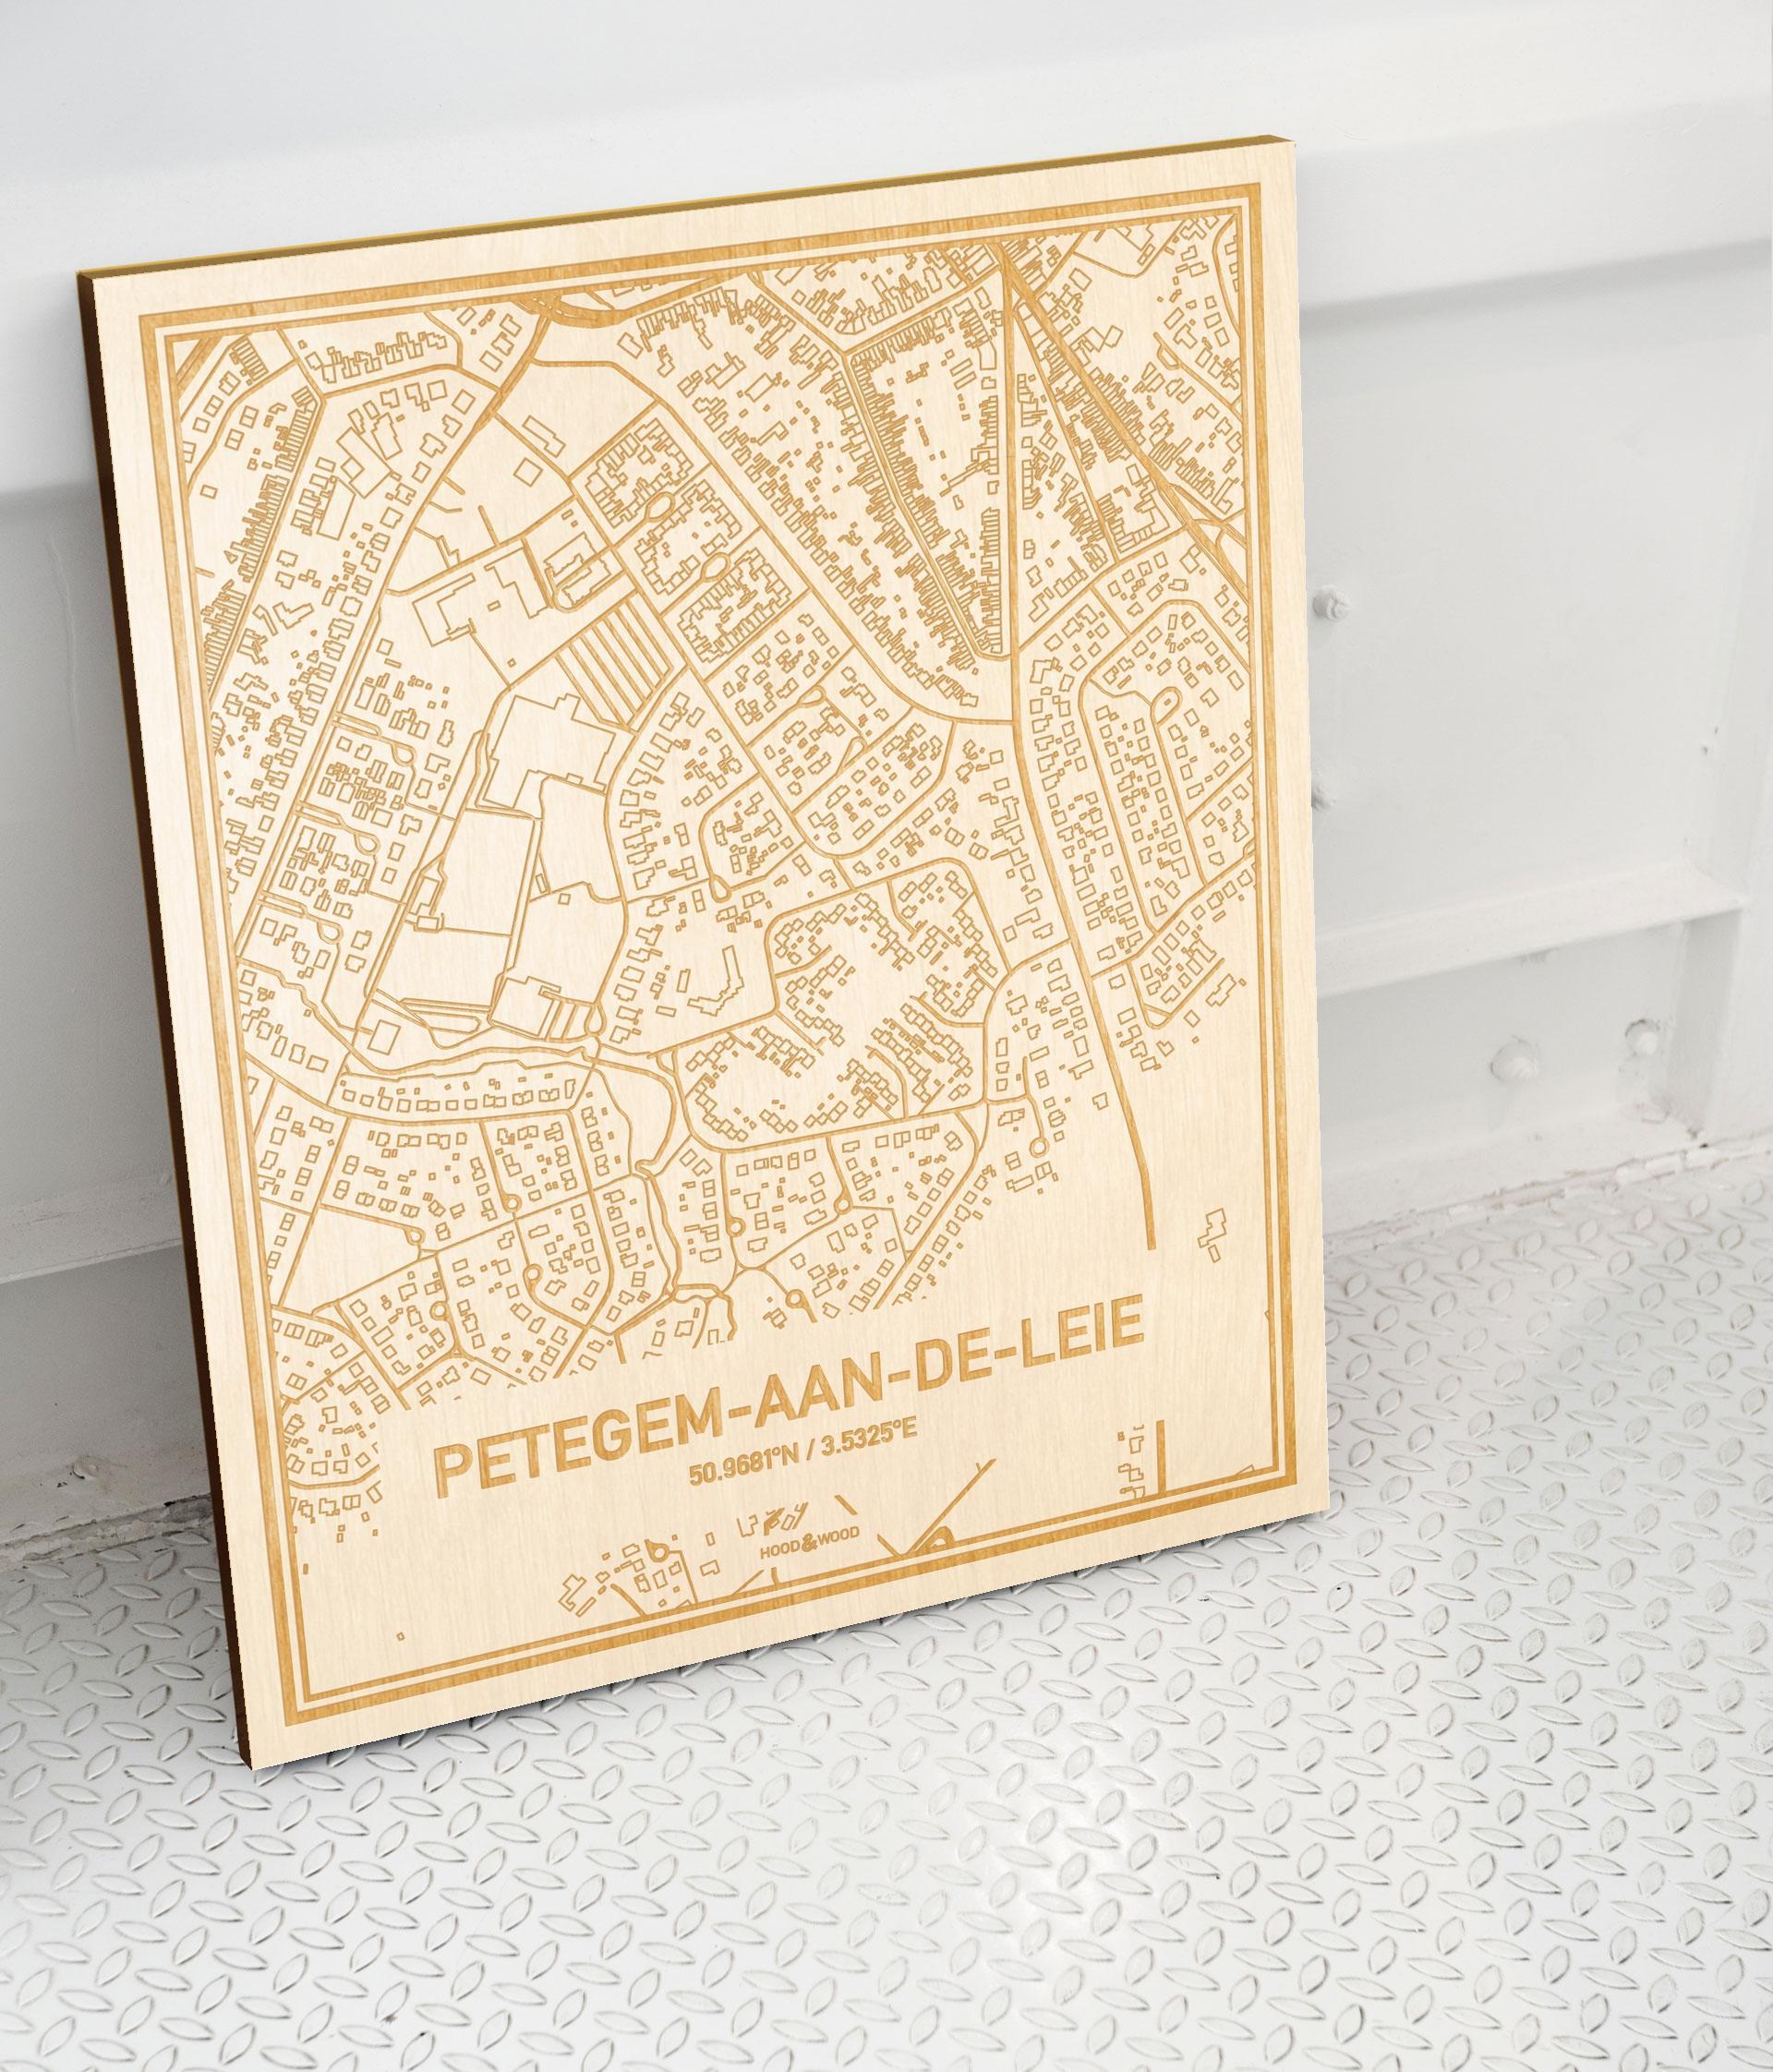 Plattegrond Petegem-Aan-De-Leie als prachtige houten wanddecoratie. Het warme hout contrasteert mooi met de witte muur.